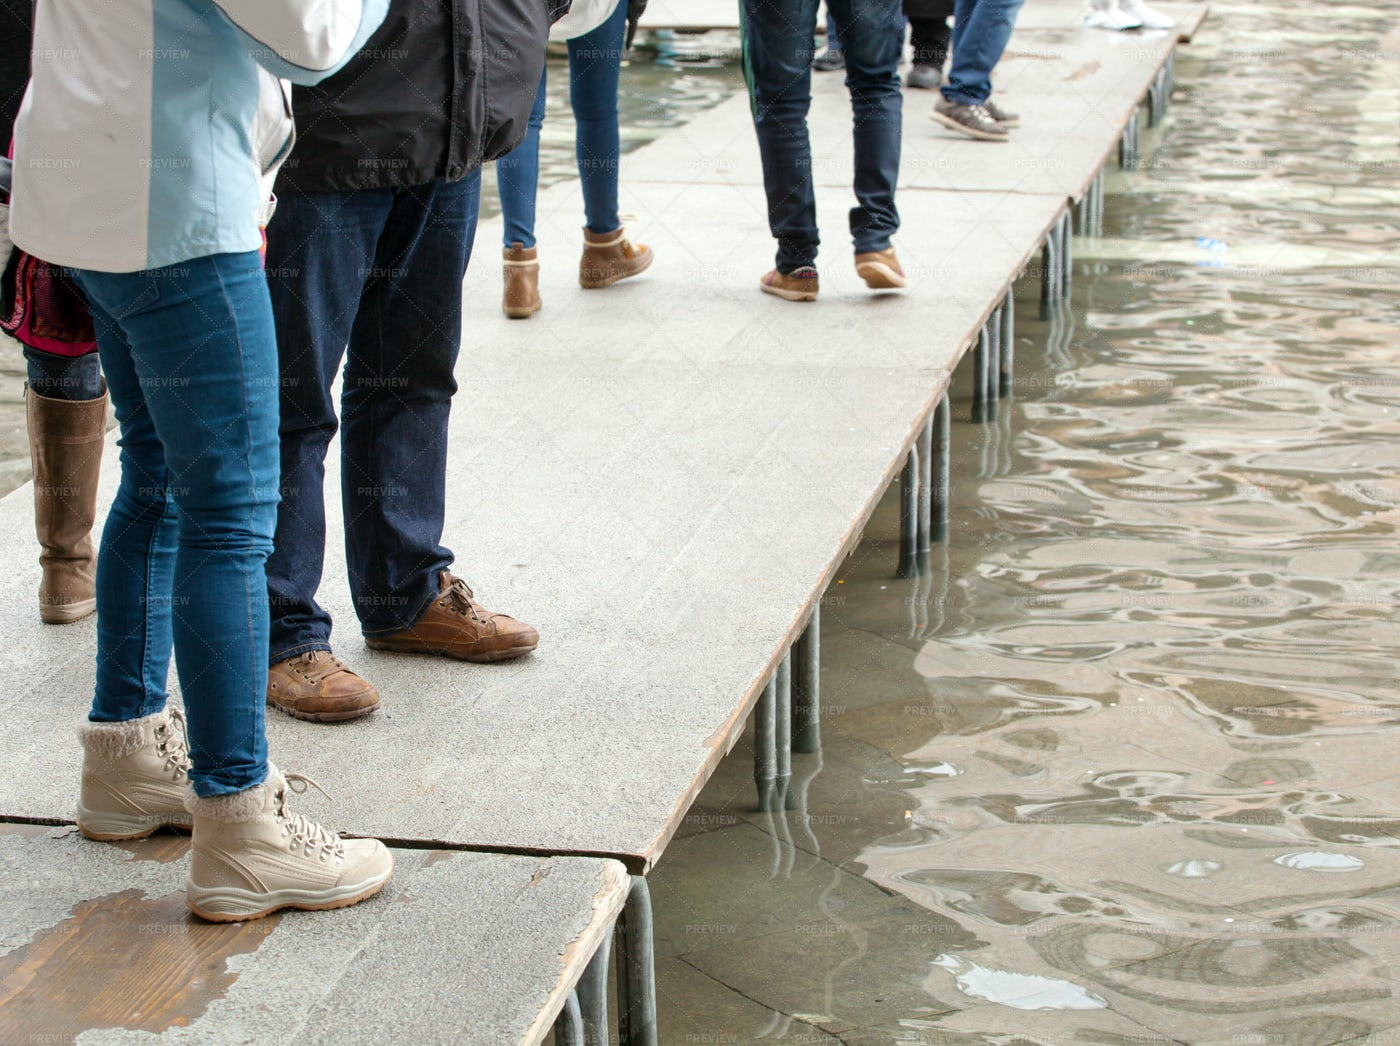 Pier In Venice: Stock Photos